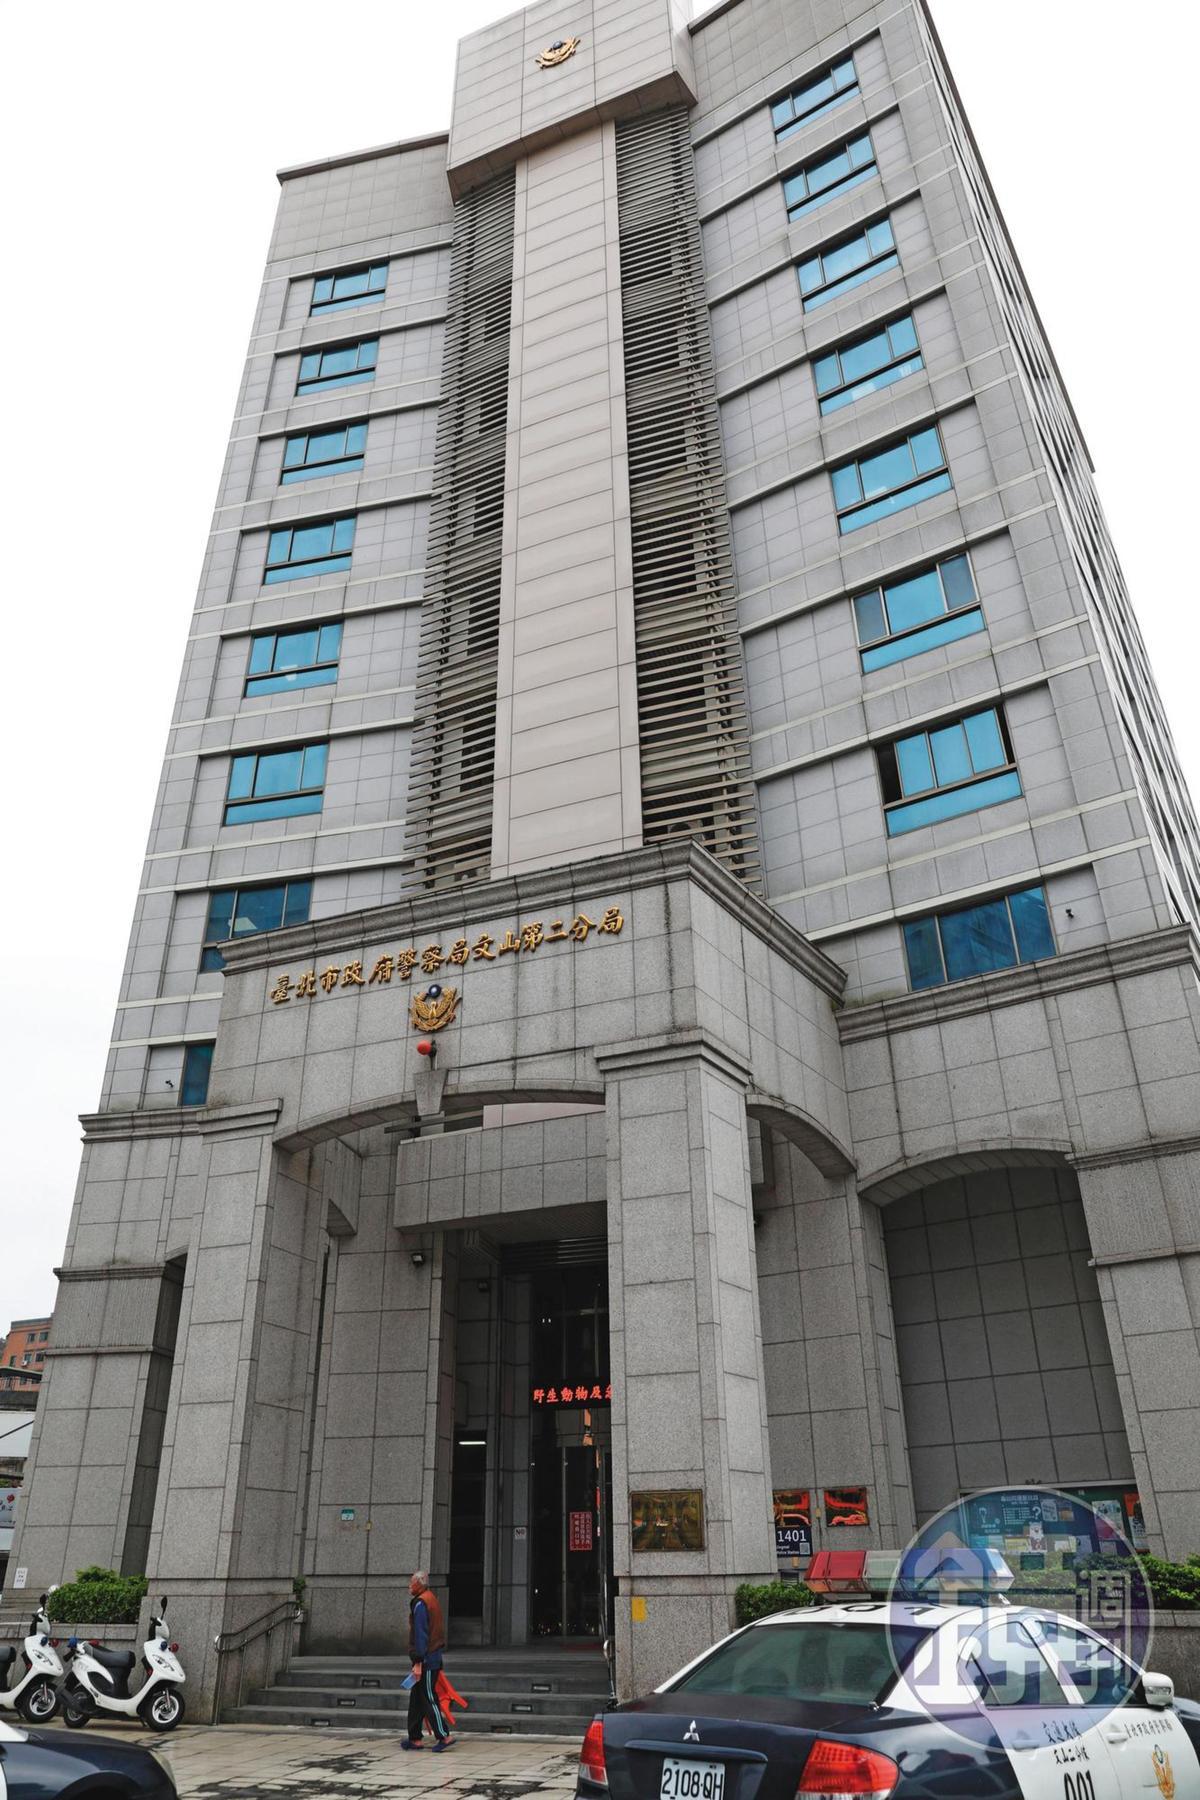 依合併計畫,新的文山分局將以文山二分局(圖)現址作為辦公廳舍。